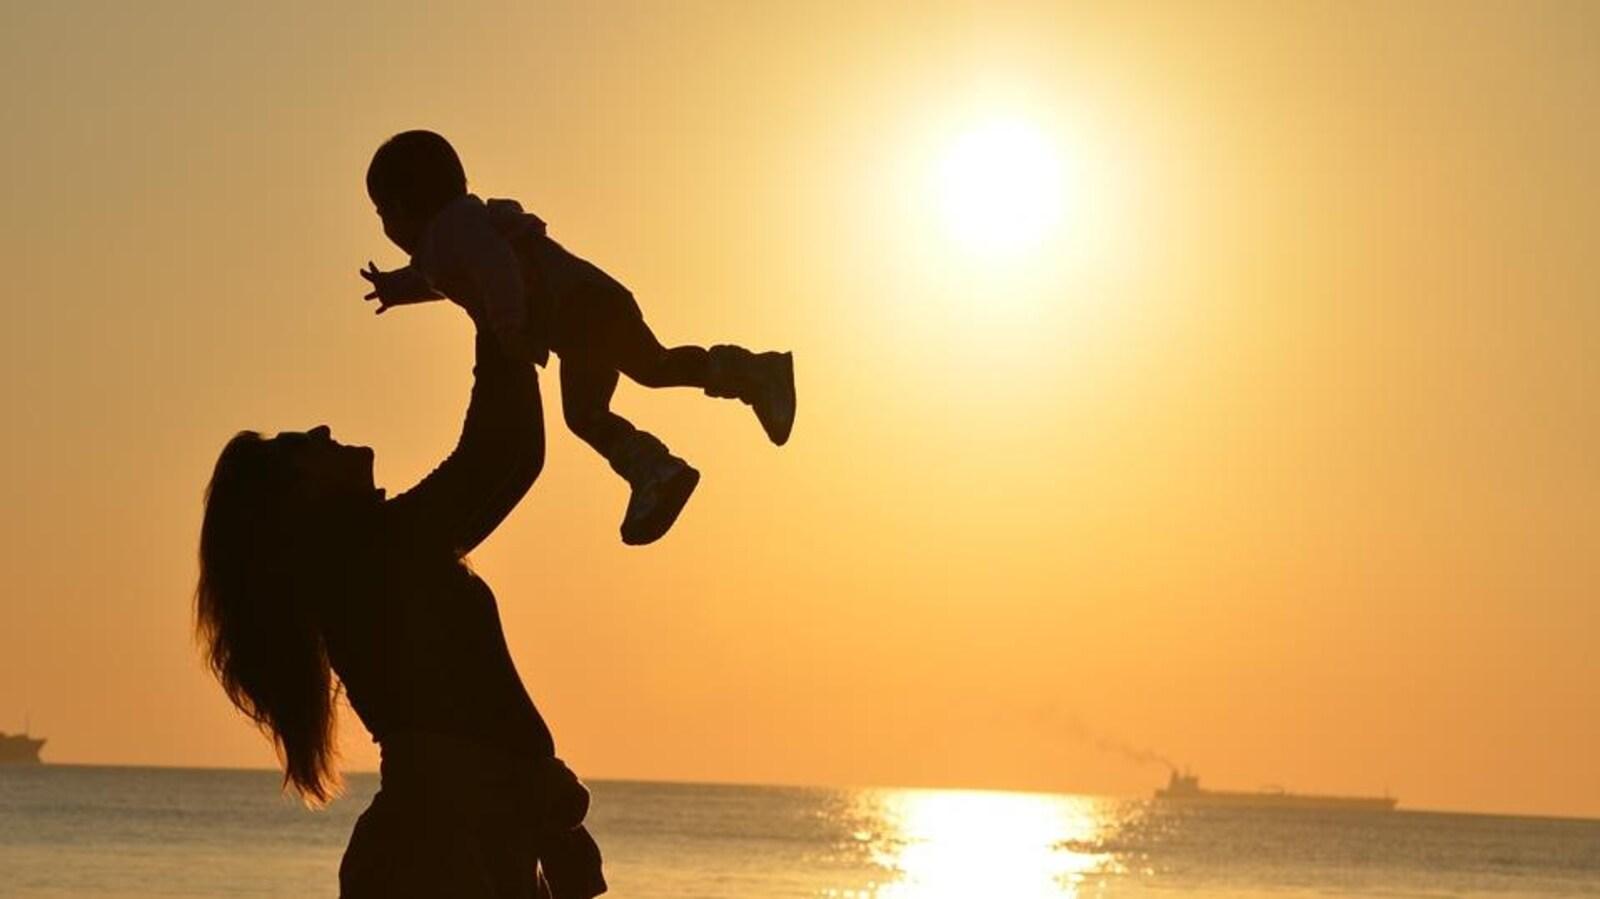 Une mère qui lève son bébé dans les airs devant un coucher de soleil.